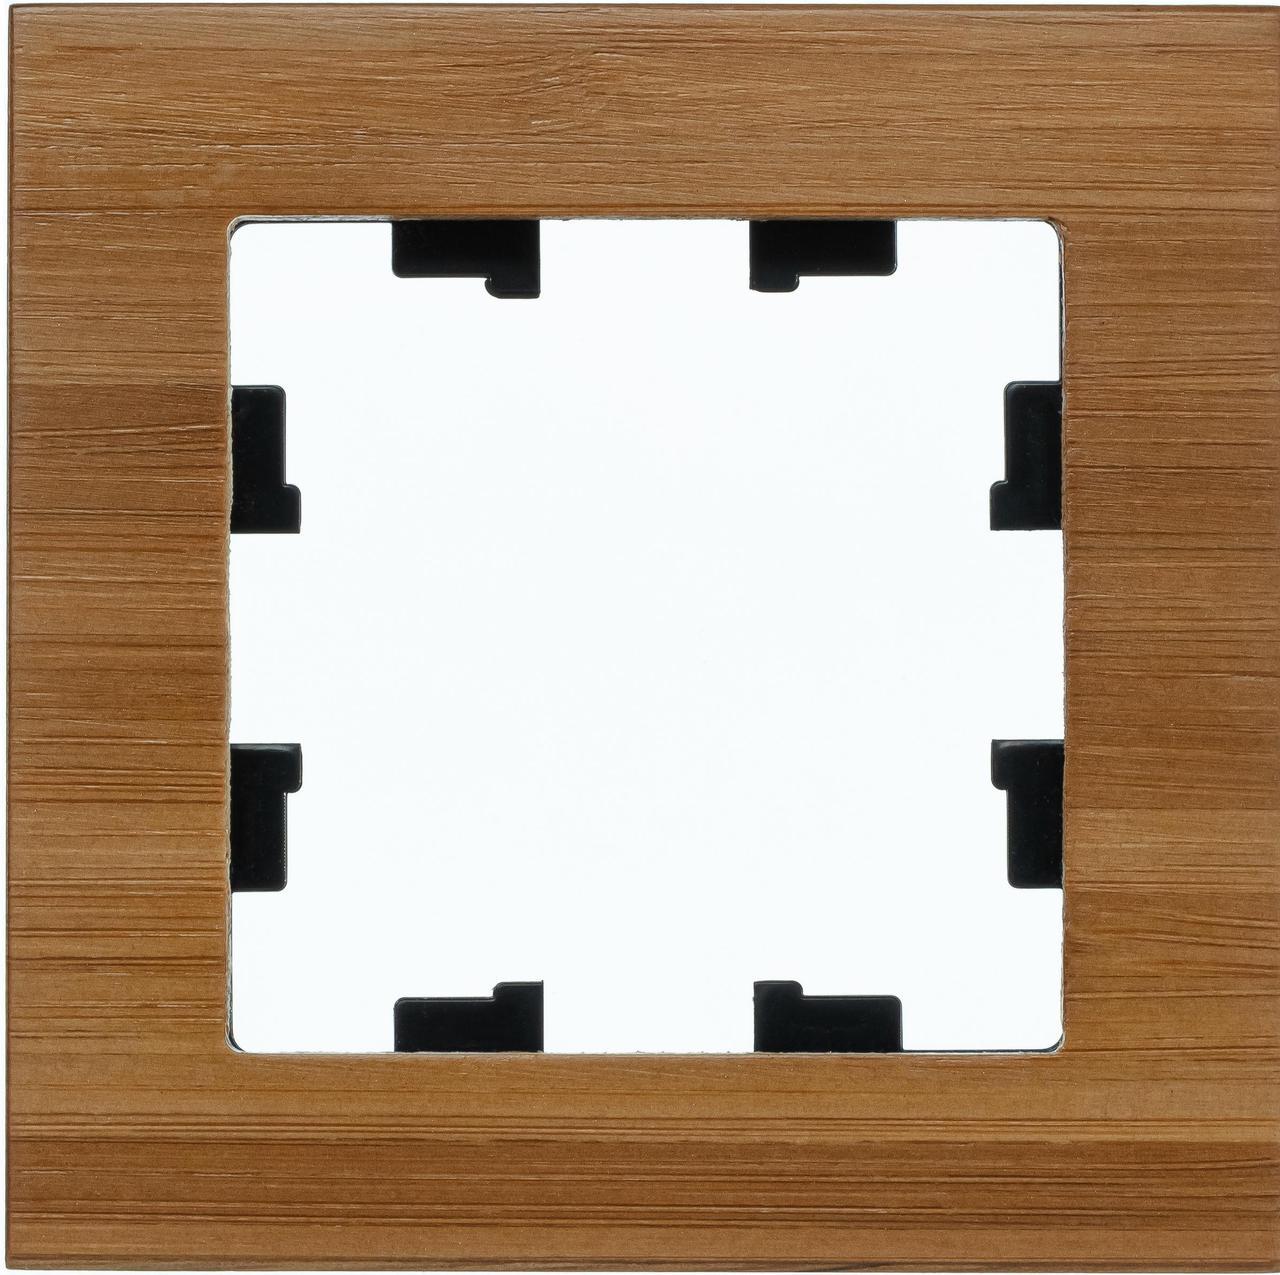 Рамка 1-ая (одинарная), Дерево Бамбук, серия Atlas Design Nature, Schneider Electric